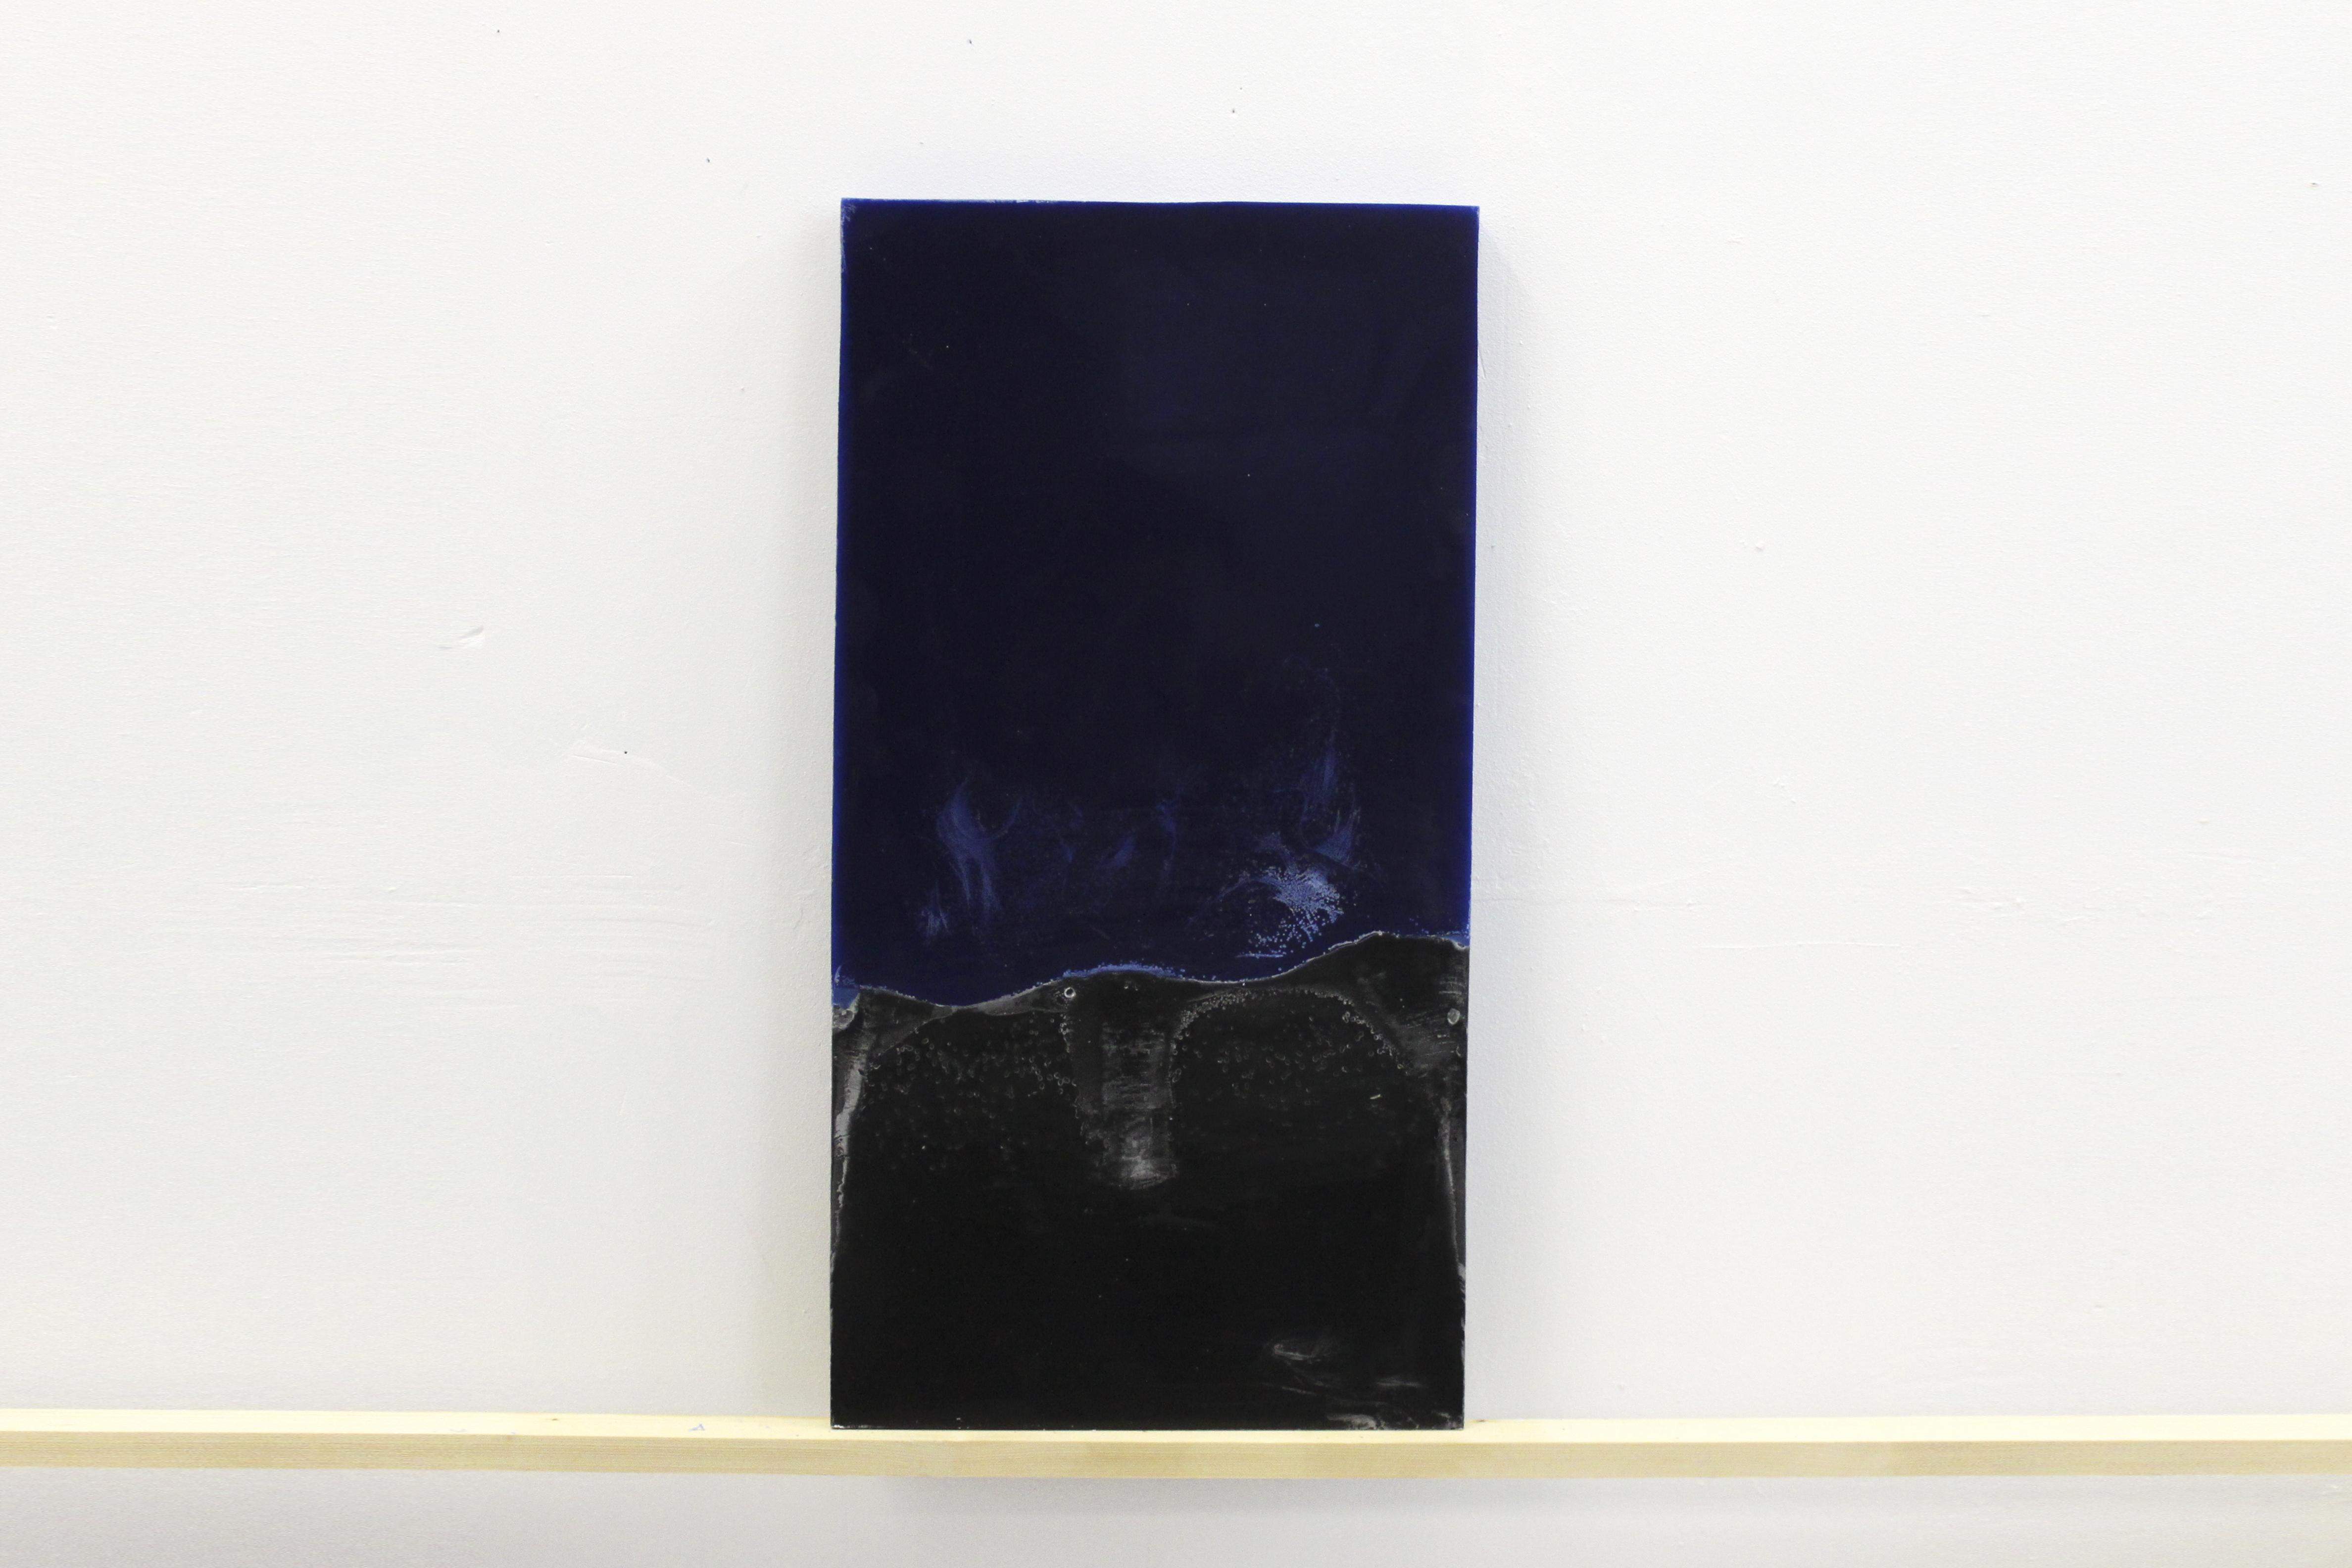 Coline Huger, 2013 - 85 bougies 32x60x3cm - cire, pigments